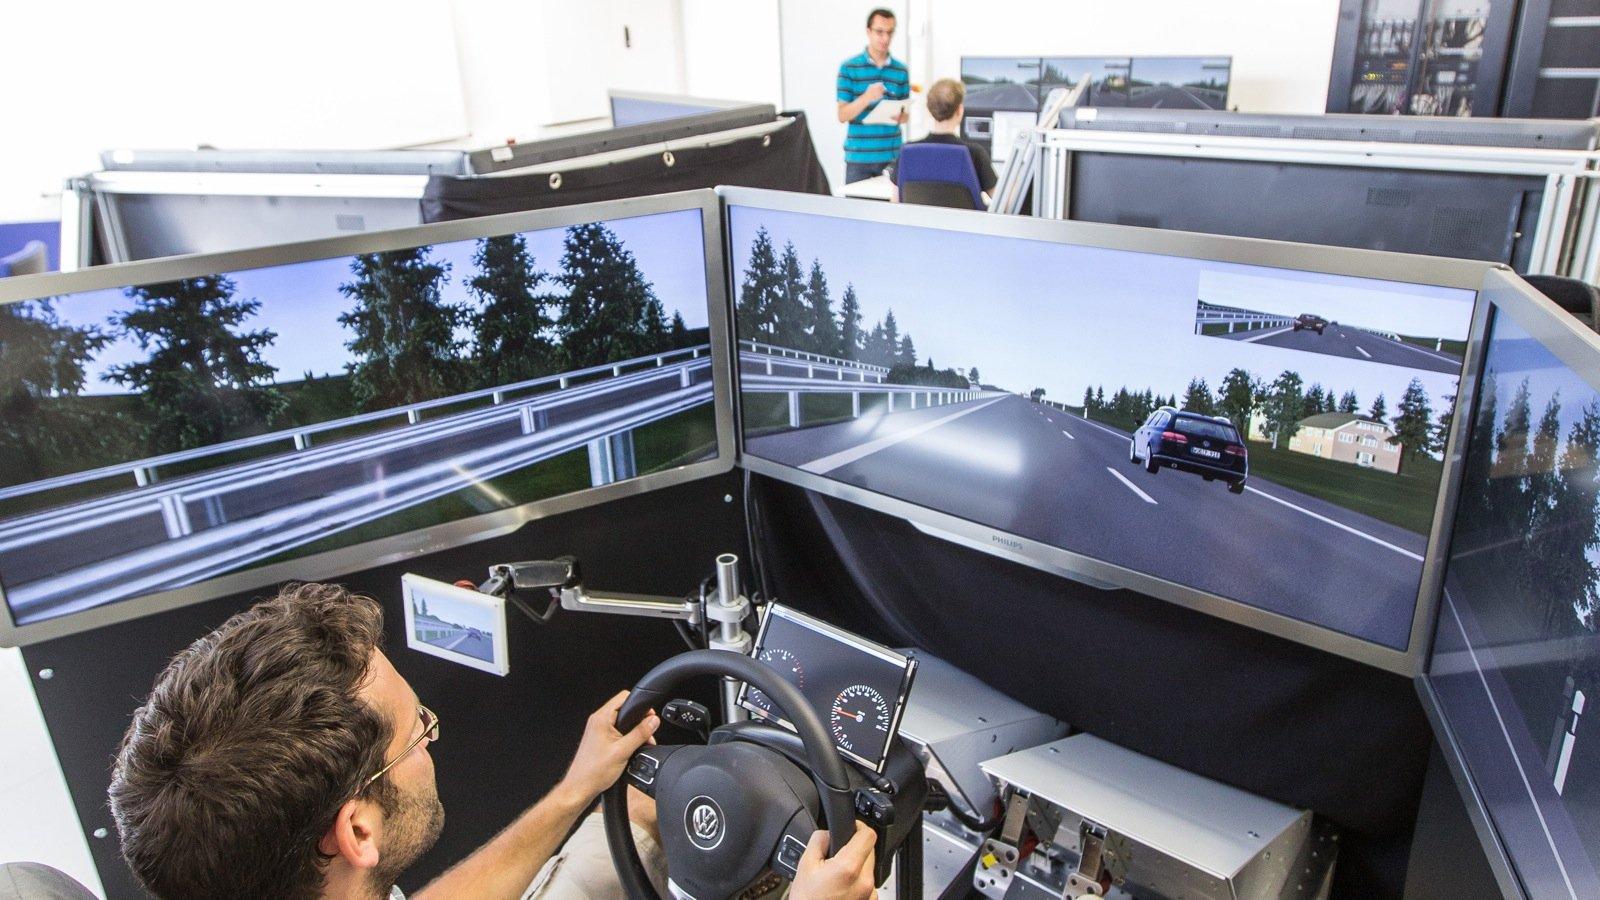 Das kooperative Simulationslabor MoSAIC verbindet mehrere Fahrsimulatoren miteinander, so dass mehrere Probanden gemeinsam in einer Simulationsumgebung fahren. Damit kann das Verhalten der Fahrer und ihre Reaktionen aufeinander und auf die neuen Systeme untersucht werden.